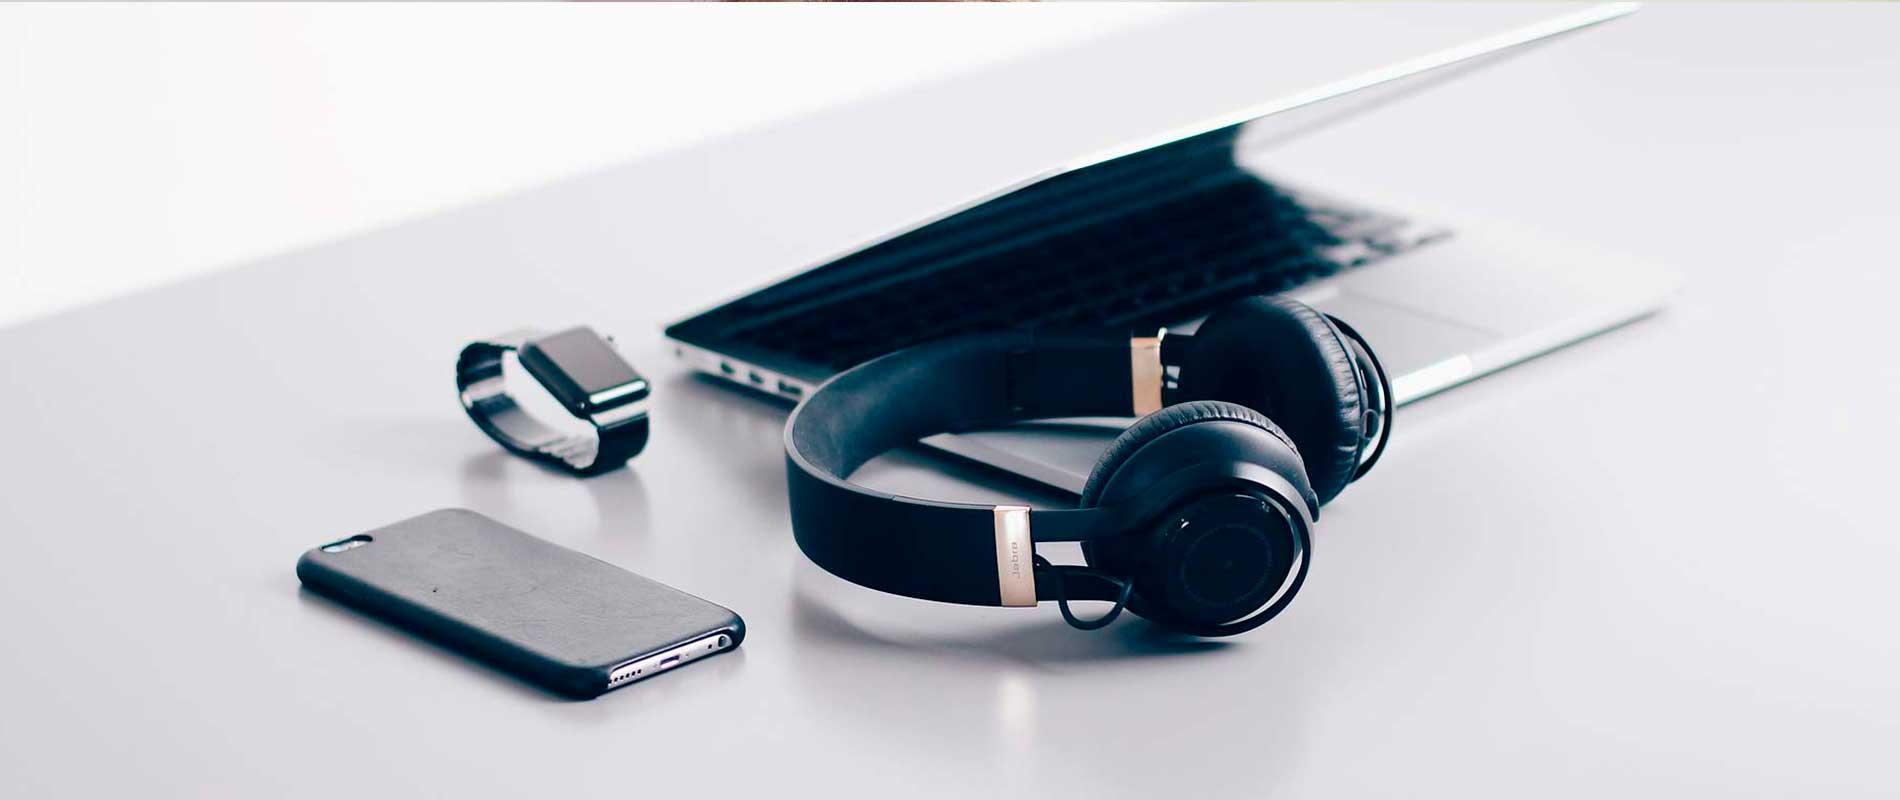 Gadget Hub - Telemóveis Novos e Usados - O teu Equipamento Favorito- Telemóveis Novos em Lisboa